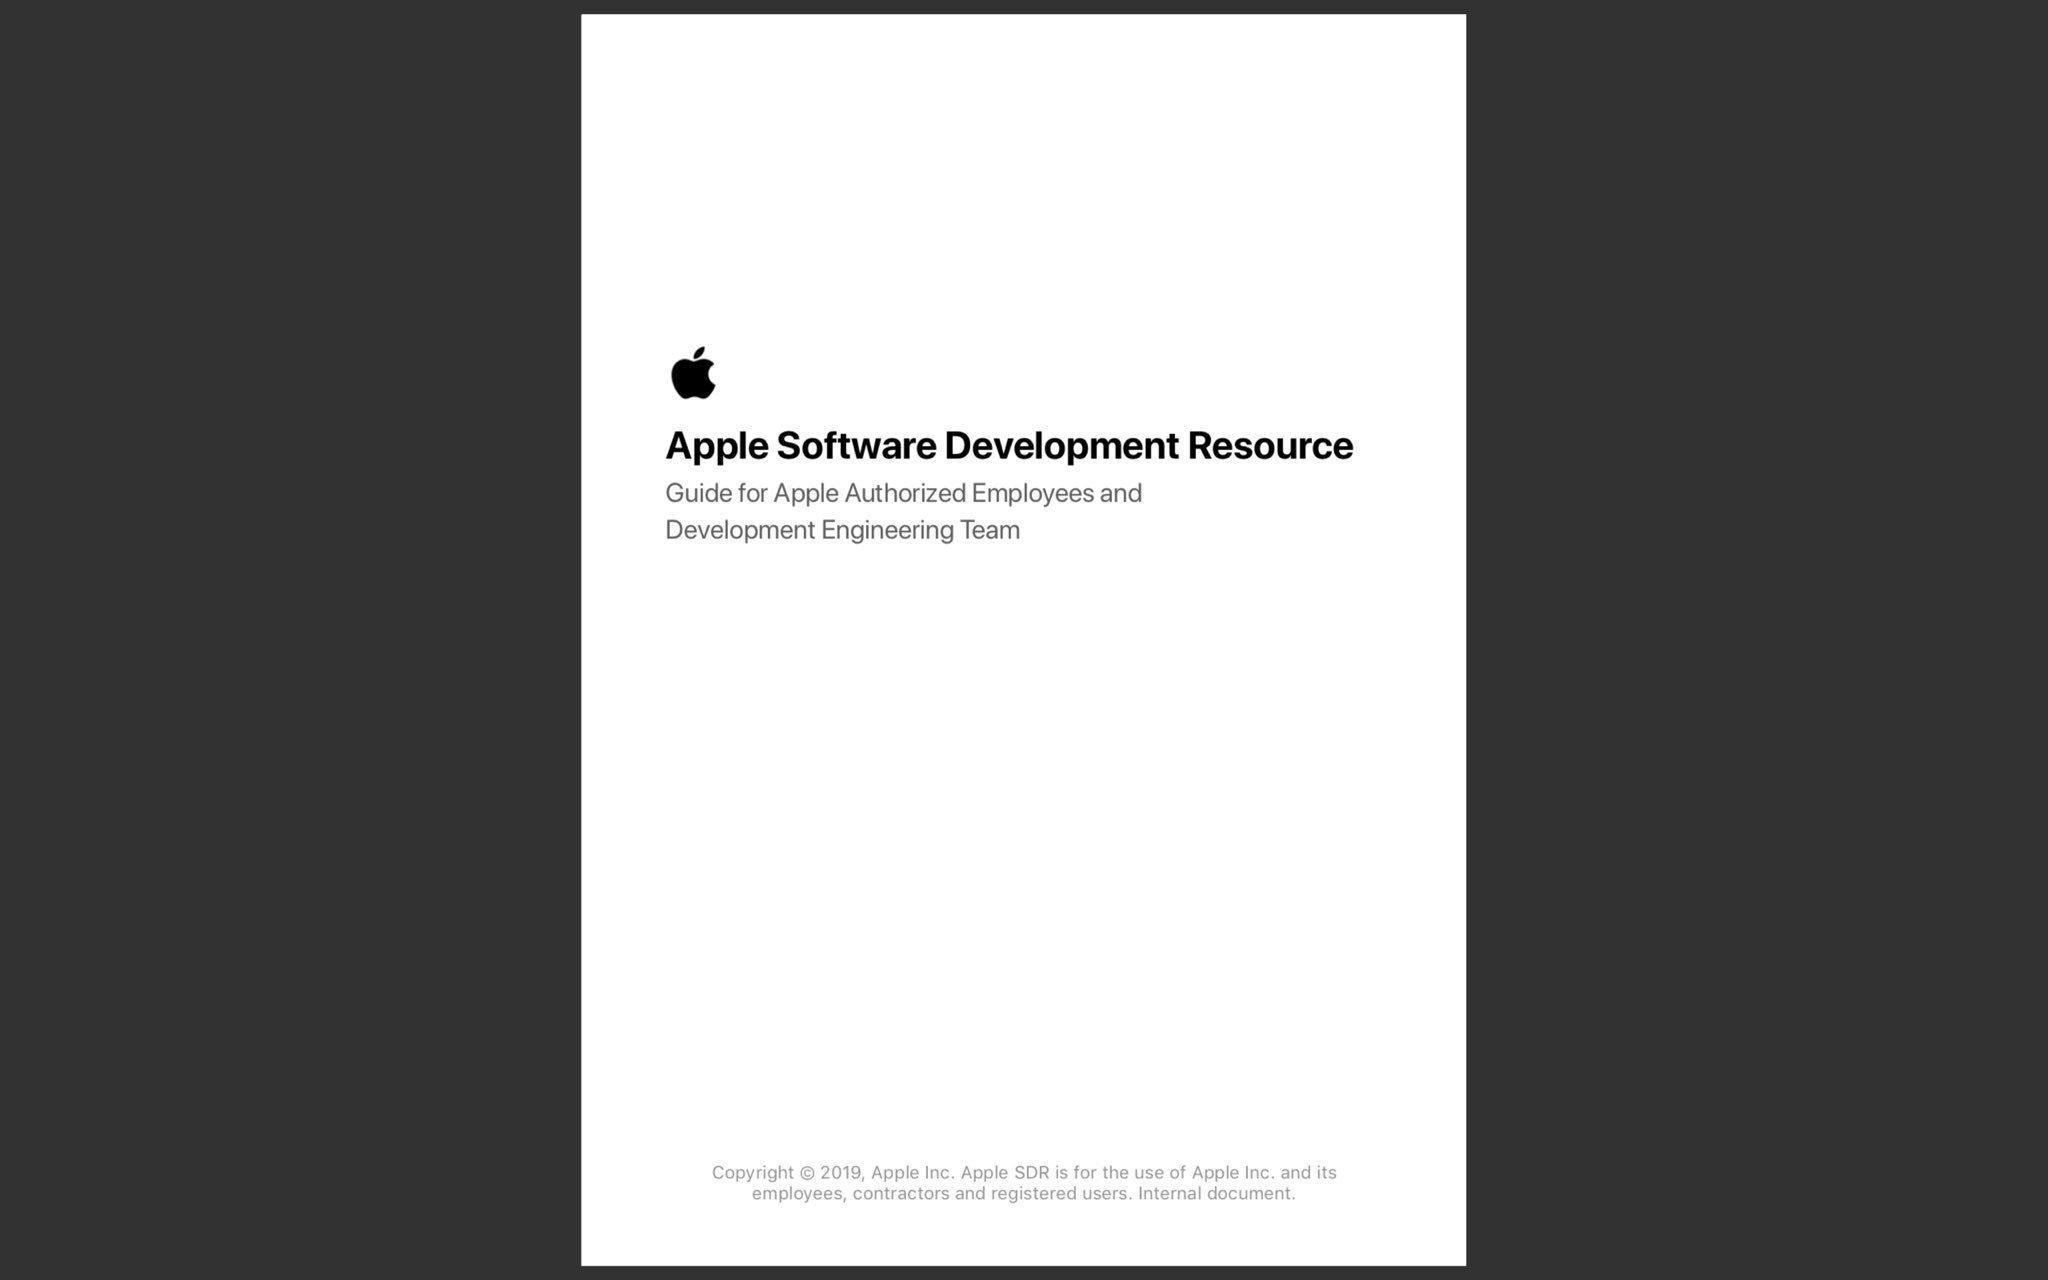 誤報:Appleの内部文書流出。「iPhone 11 Pro Max」発売、iOS 13は23日配信など明らかに